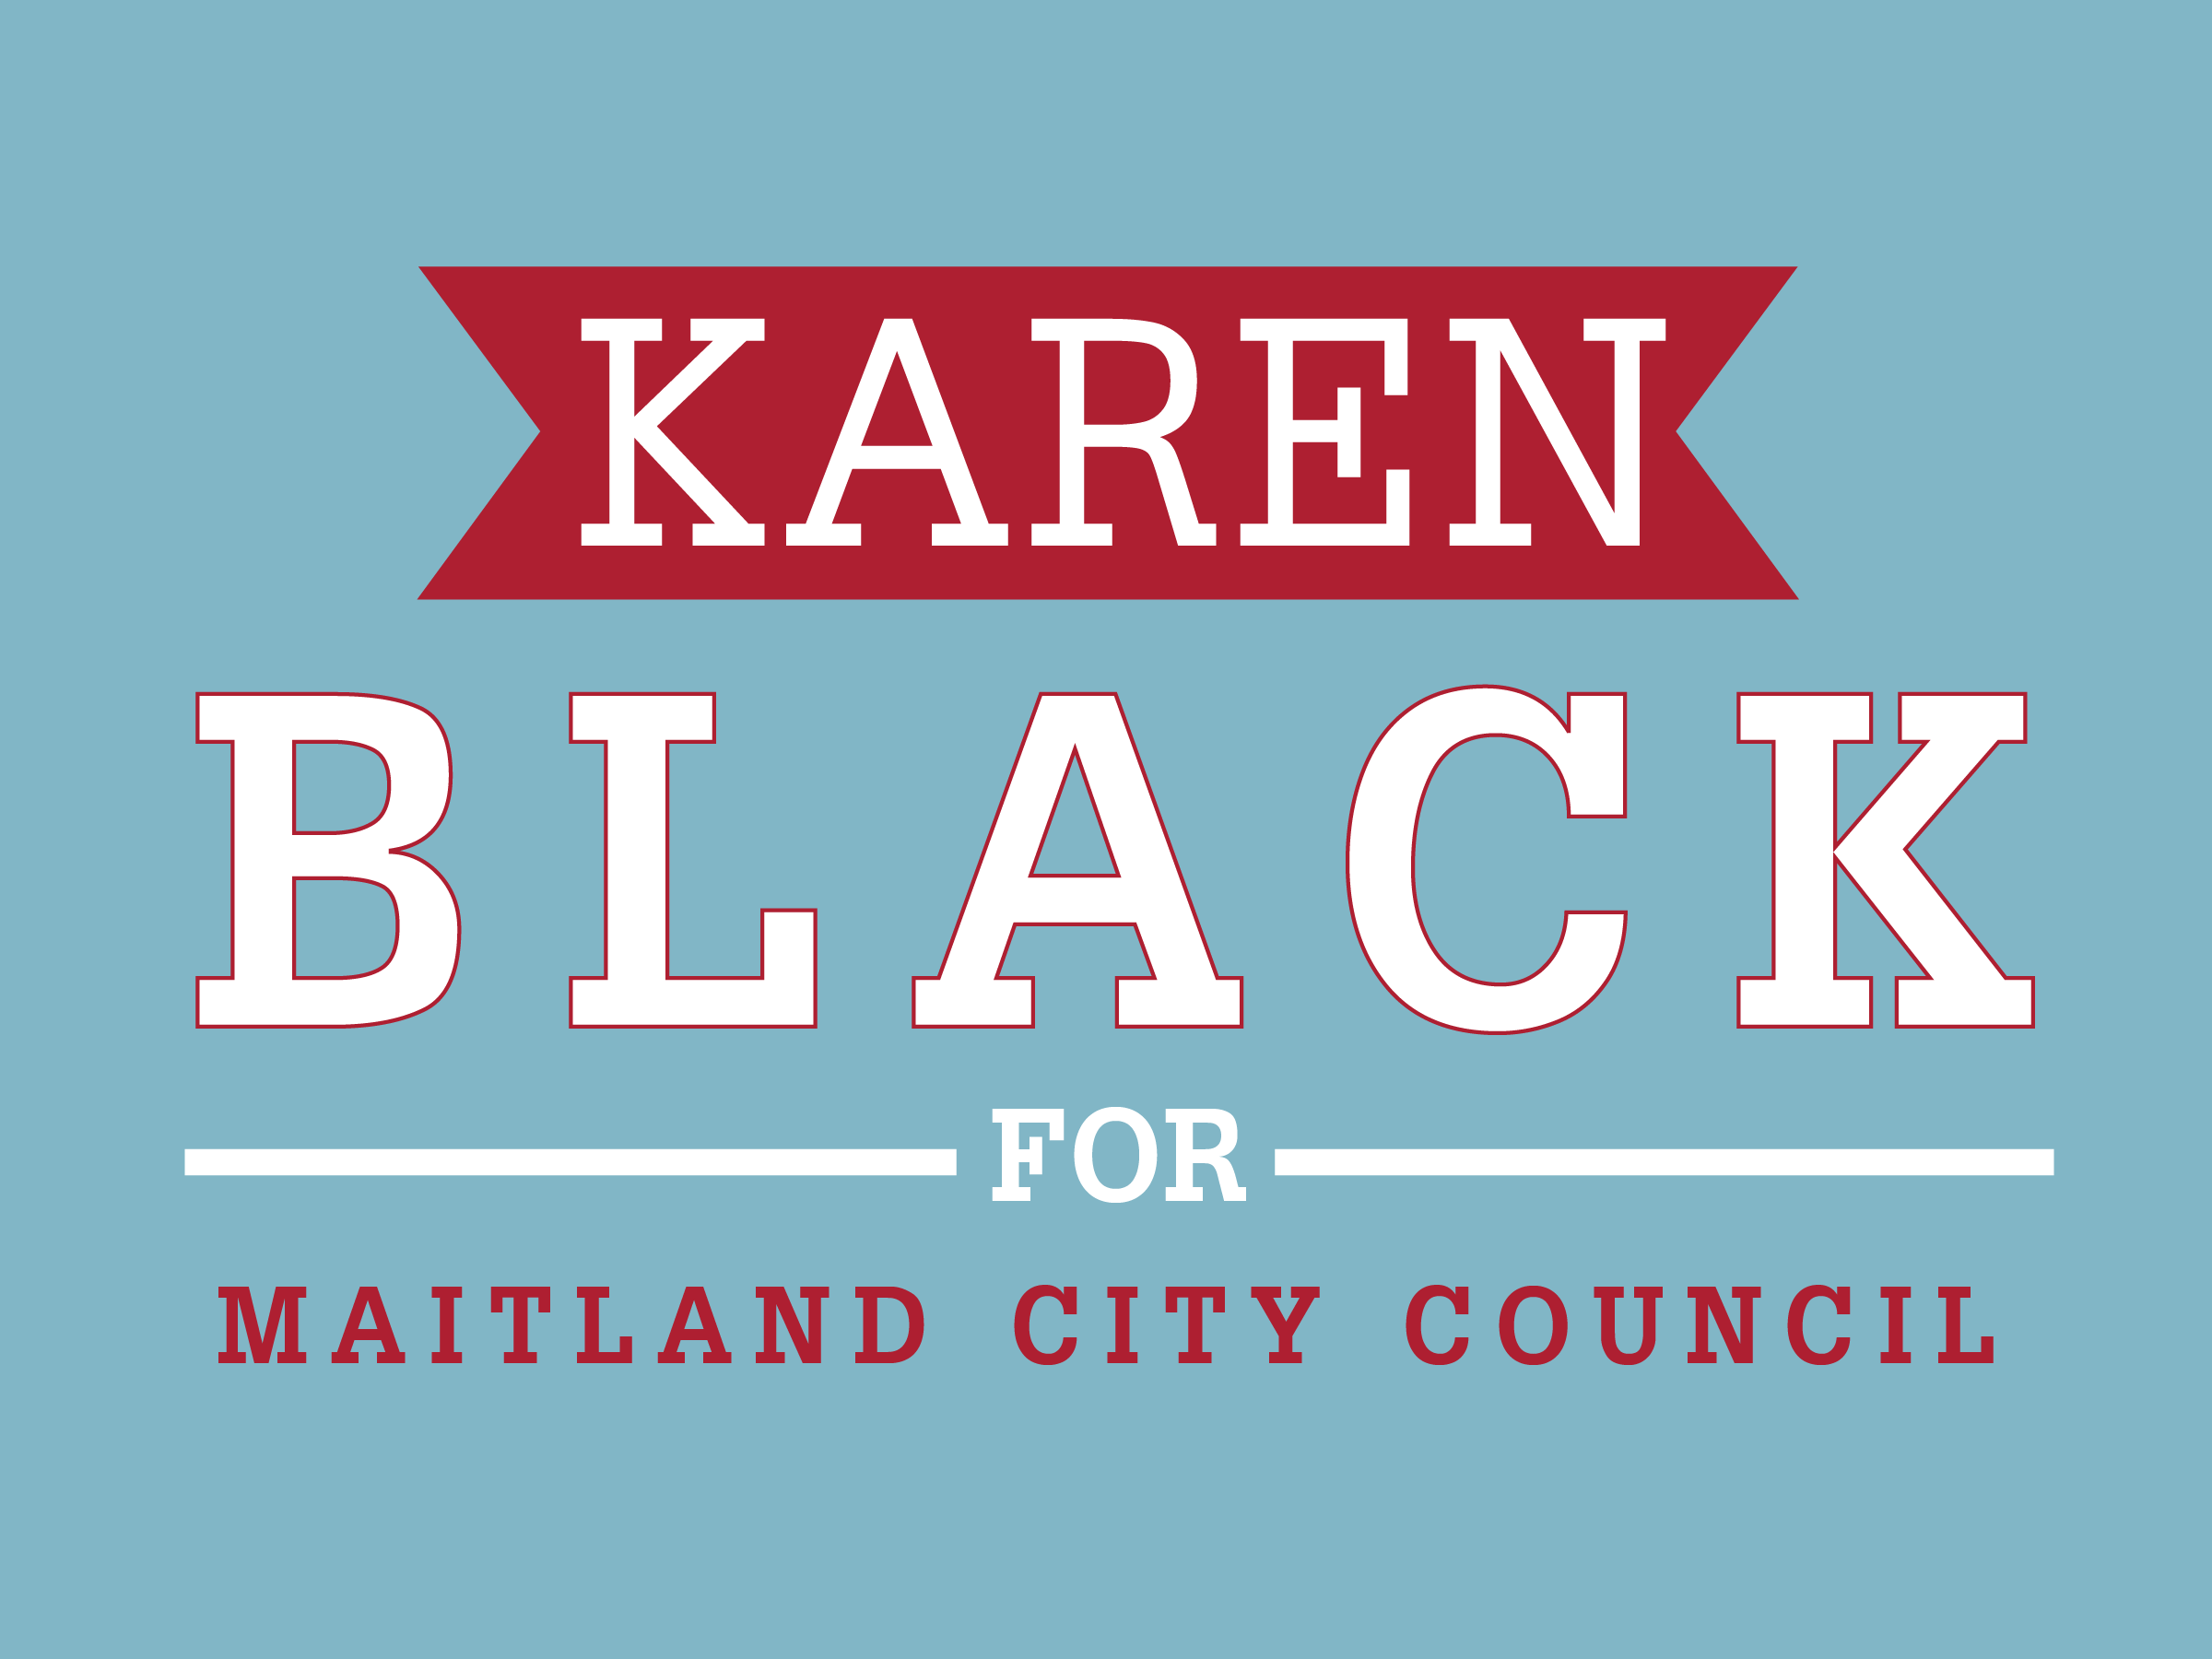 Karen Black Campaign Sign